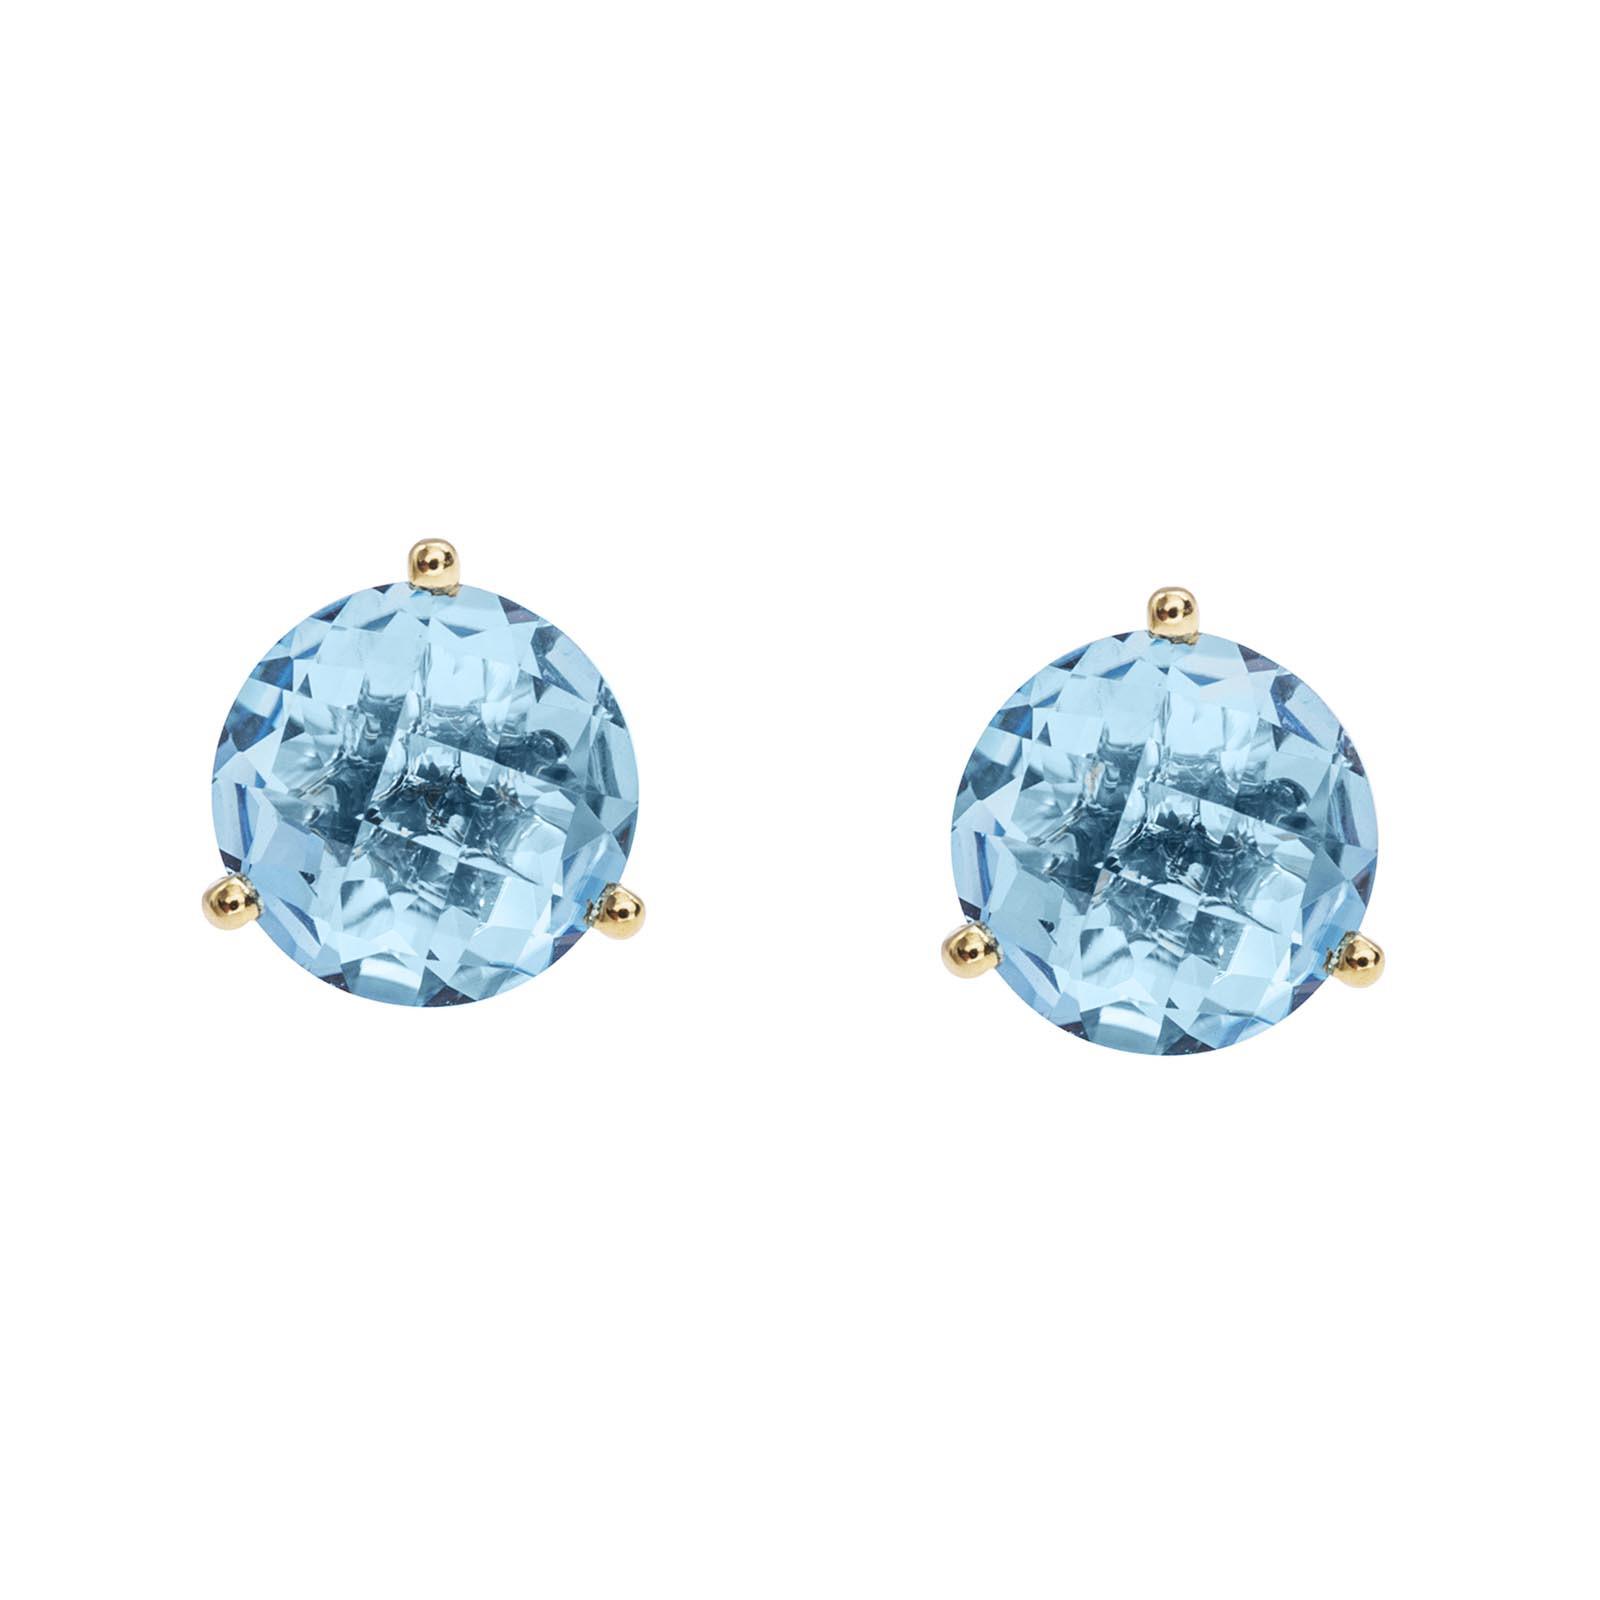 New 4.22 CTW Blue Topaz Stud Earrings